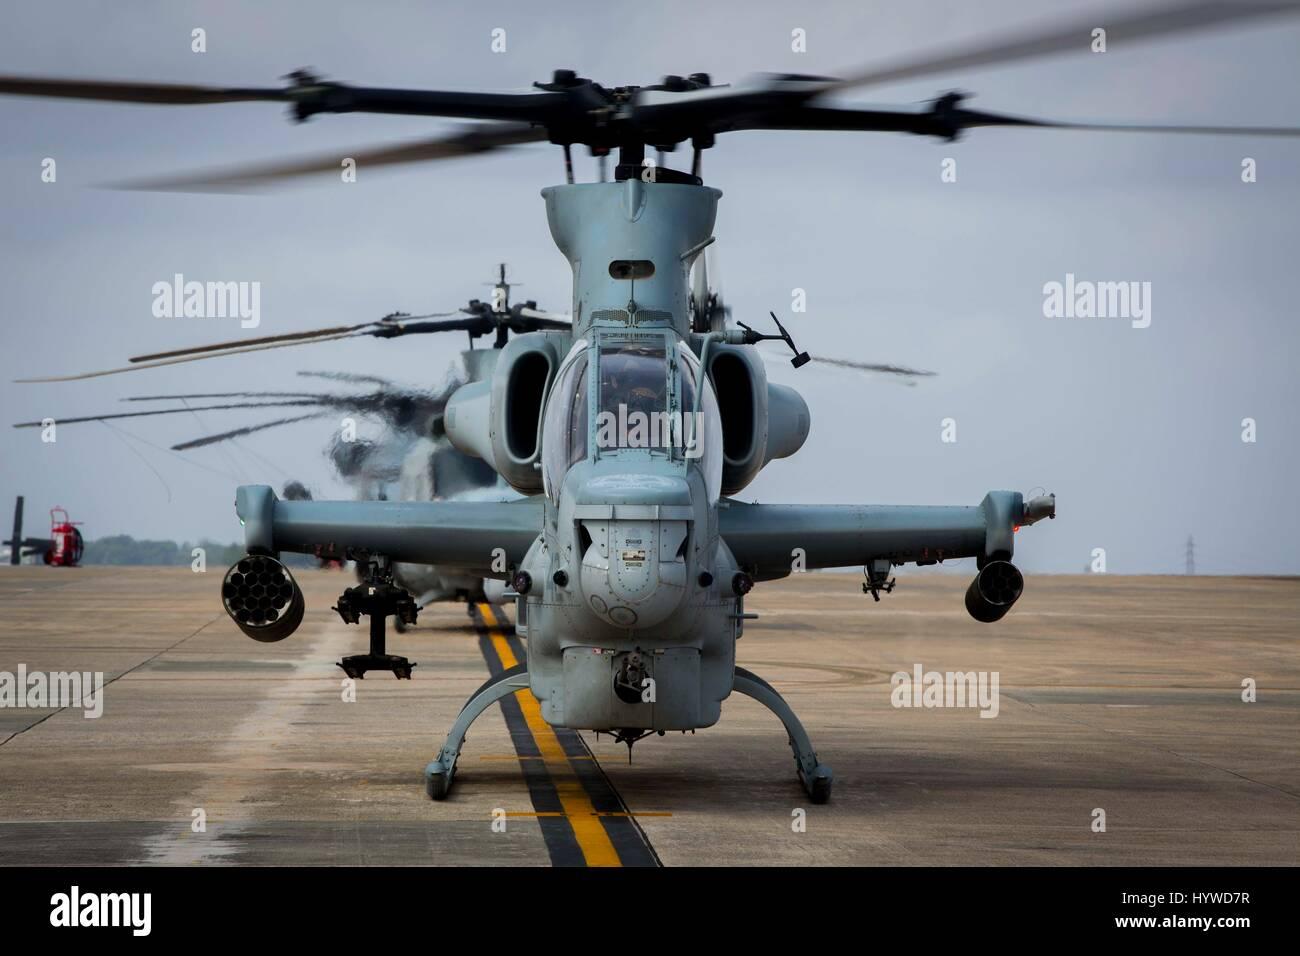 Owinawa, Japan. 26. April 2017. Ein US-Marine Corps AH-1W Super Cobra Kampfhubschrauber beginnen Pre-flight-Kontrollen, vor einer Mission Probe Übung im Marine Corps Air Station Futenma 26. April 2017 in Okinawa, Japan. US-Truppen in der gesamten asiatischen Region haben bekämpfen Übungen erhöht, da Spannungen zwischen den USA und Nordkorea steigen weiterhin. Bildnachweis: Planetpix/Alamy Live-Nachrichten Stockfoto